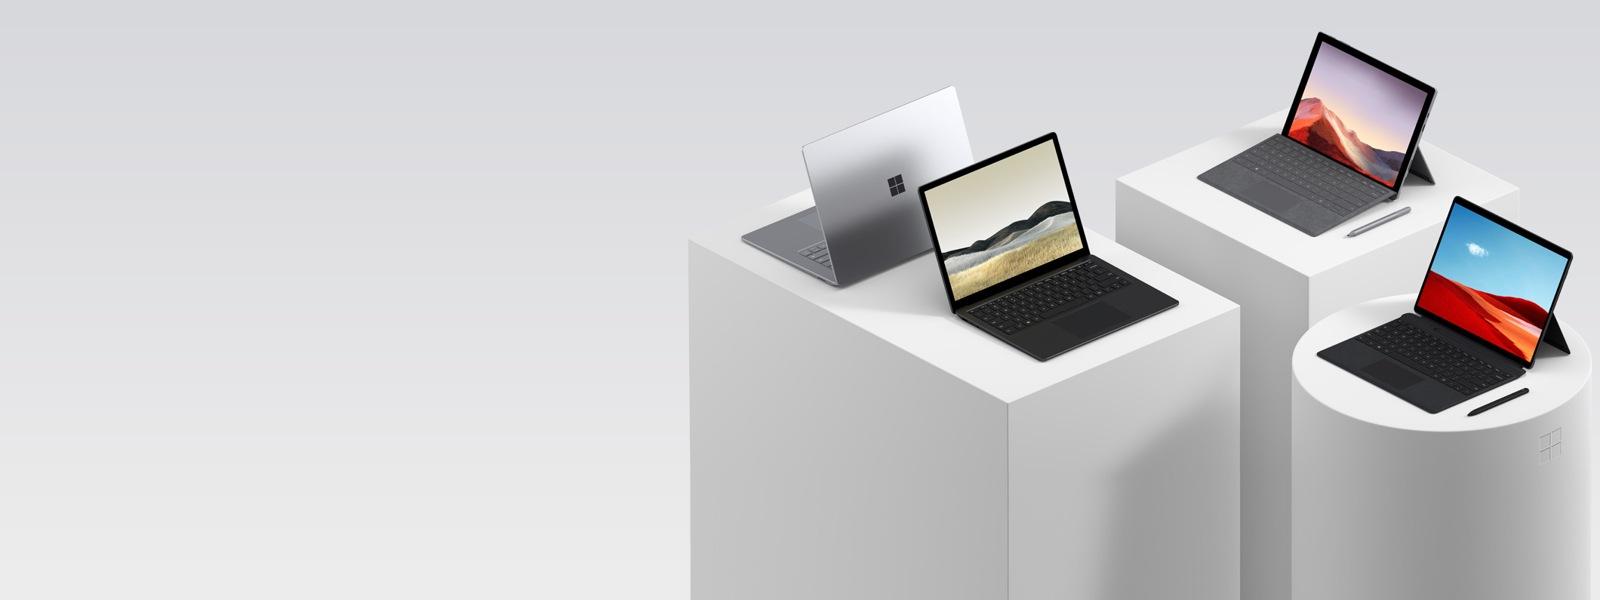 Paparan beberapa komputer Surface